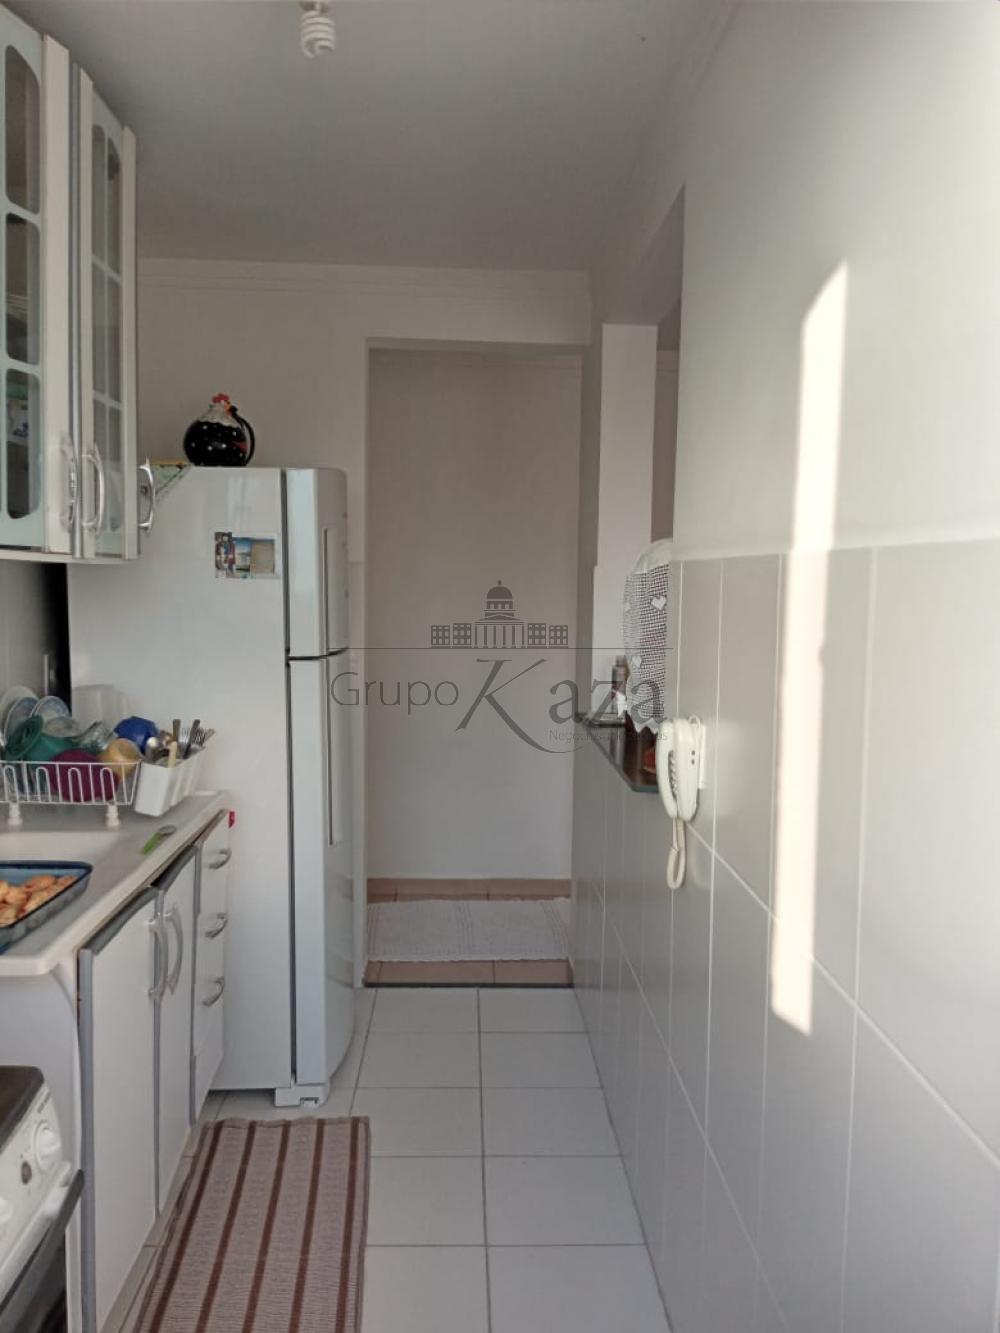 alt='Comprar Apartamento / Cobertura Duplex em São José dos Campos R$ 372.000,00 - Foto 2' title='Comprar Apartamento / Cobertura Duplex em São José dos Campos R$ 372.000,00 - Foto 2'